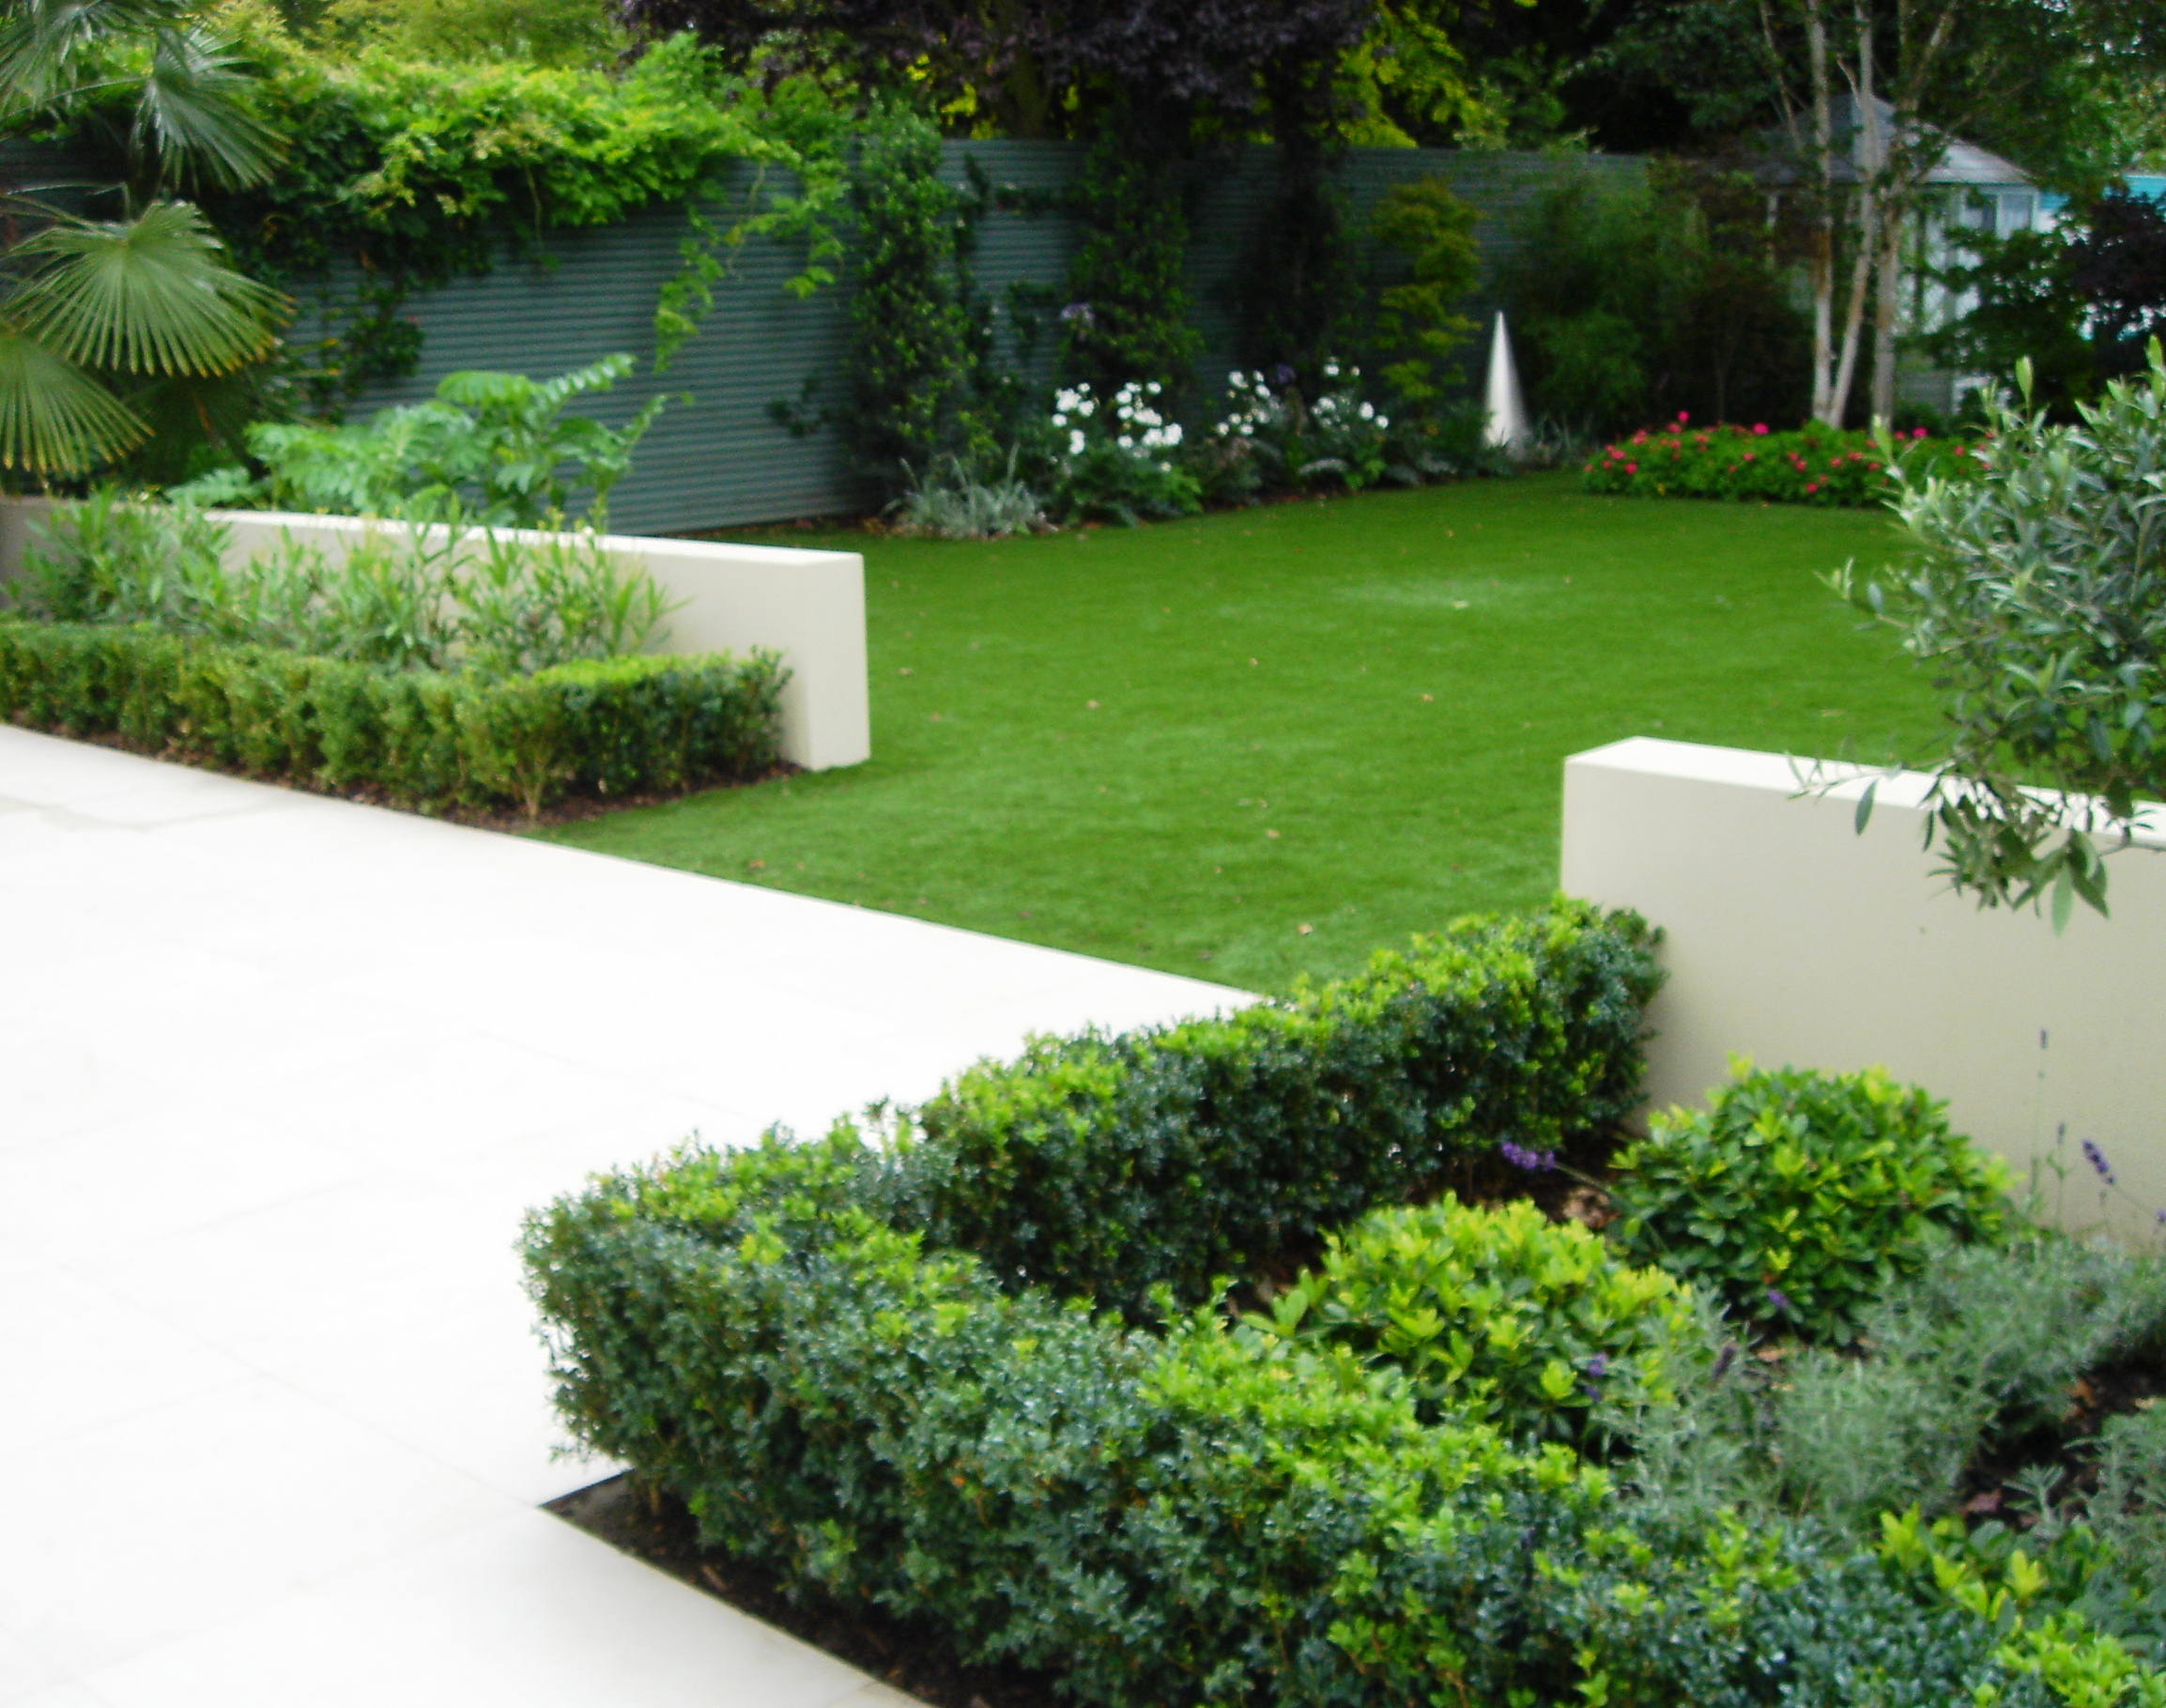 Henrietta gentilli garden design in south london south for Garden design quiz